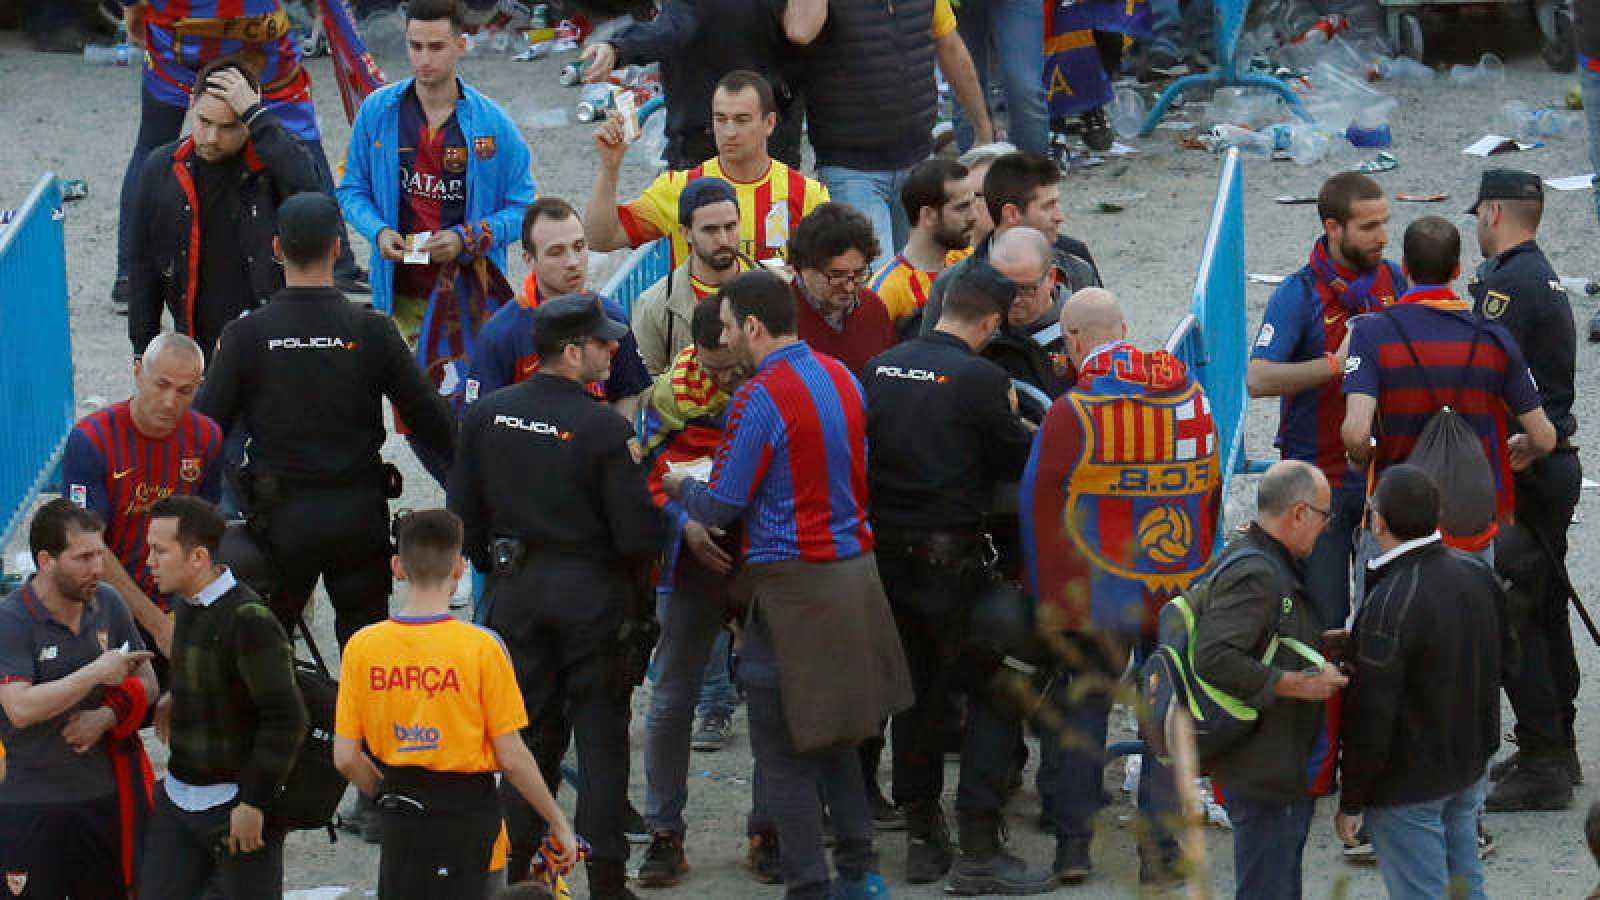 Registros y cacheos a aficionados del Barça en la entrada al Wanda Metropolitano.